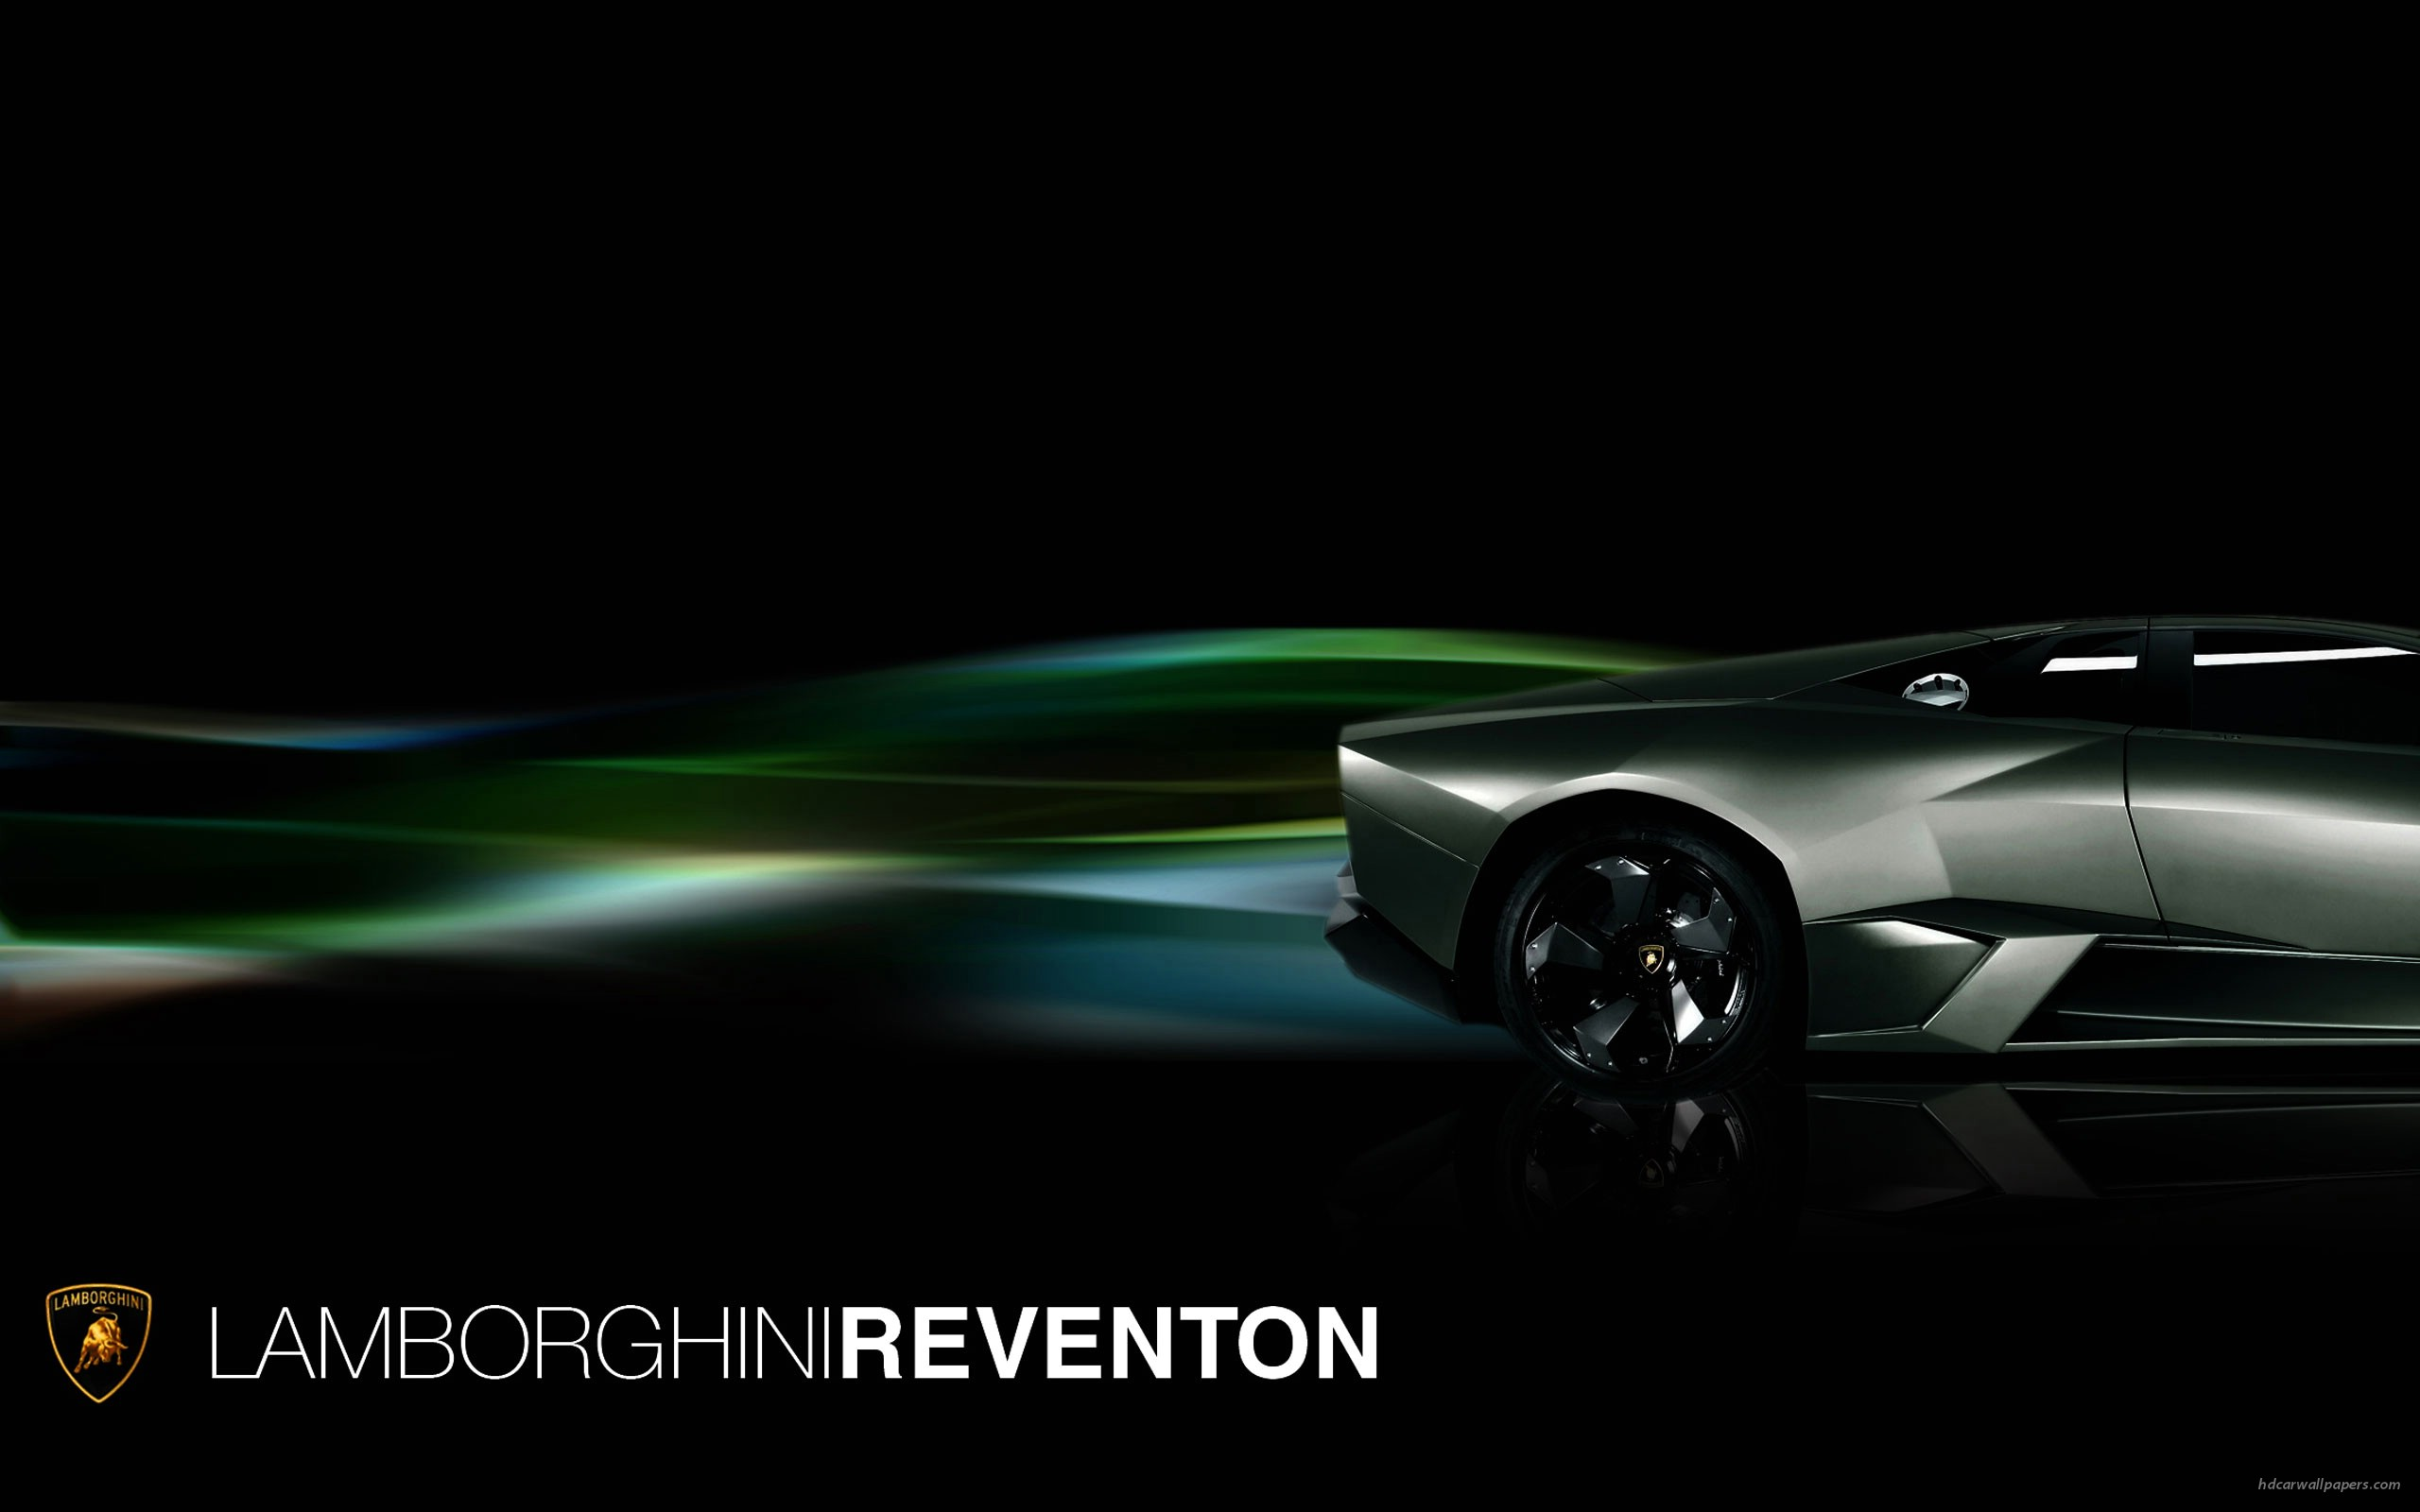 Lamborghini Reventon Wallpaper 1080p Lamborghini Reventon Wallpaper 2560x1600